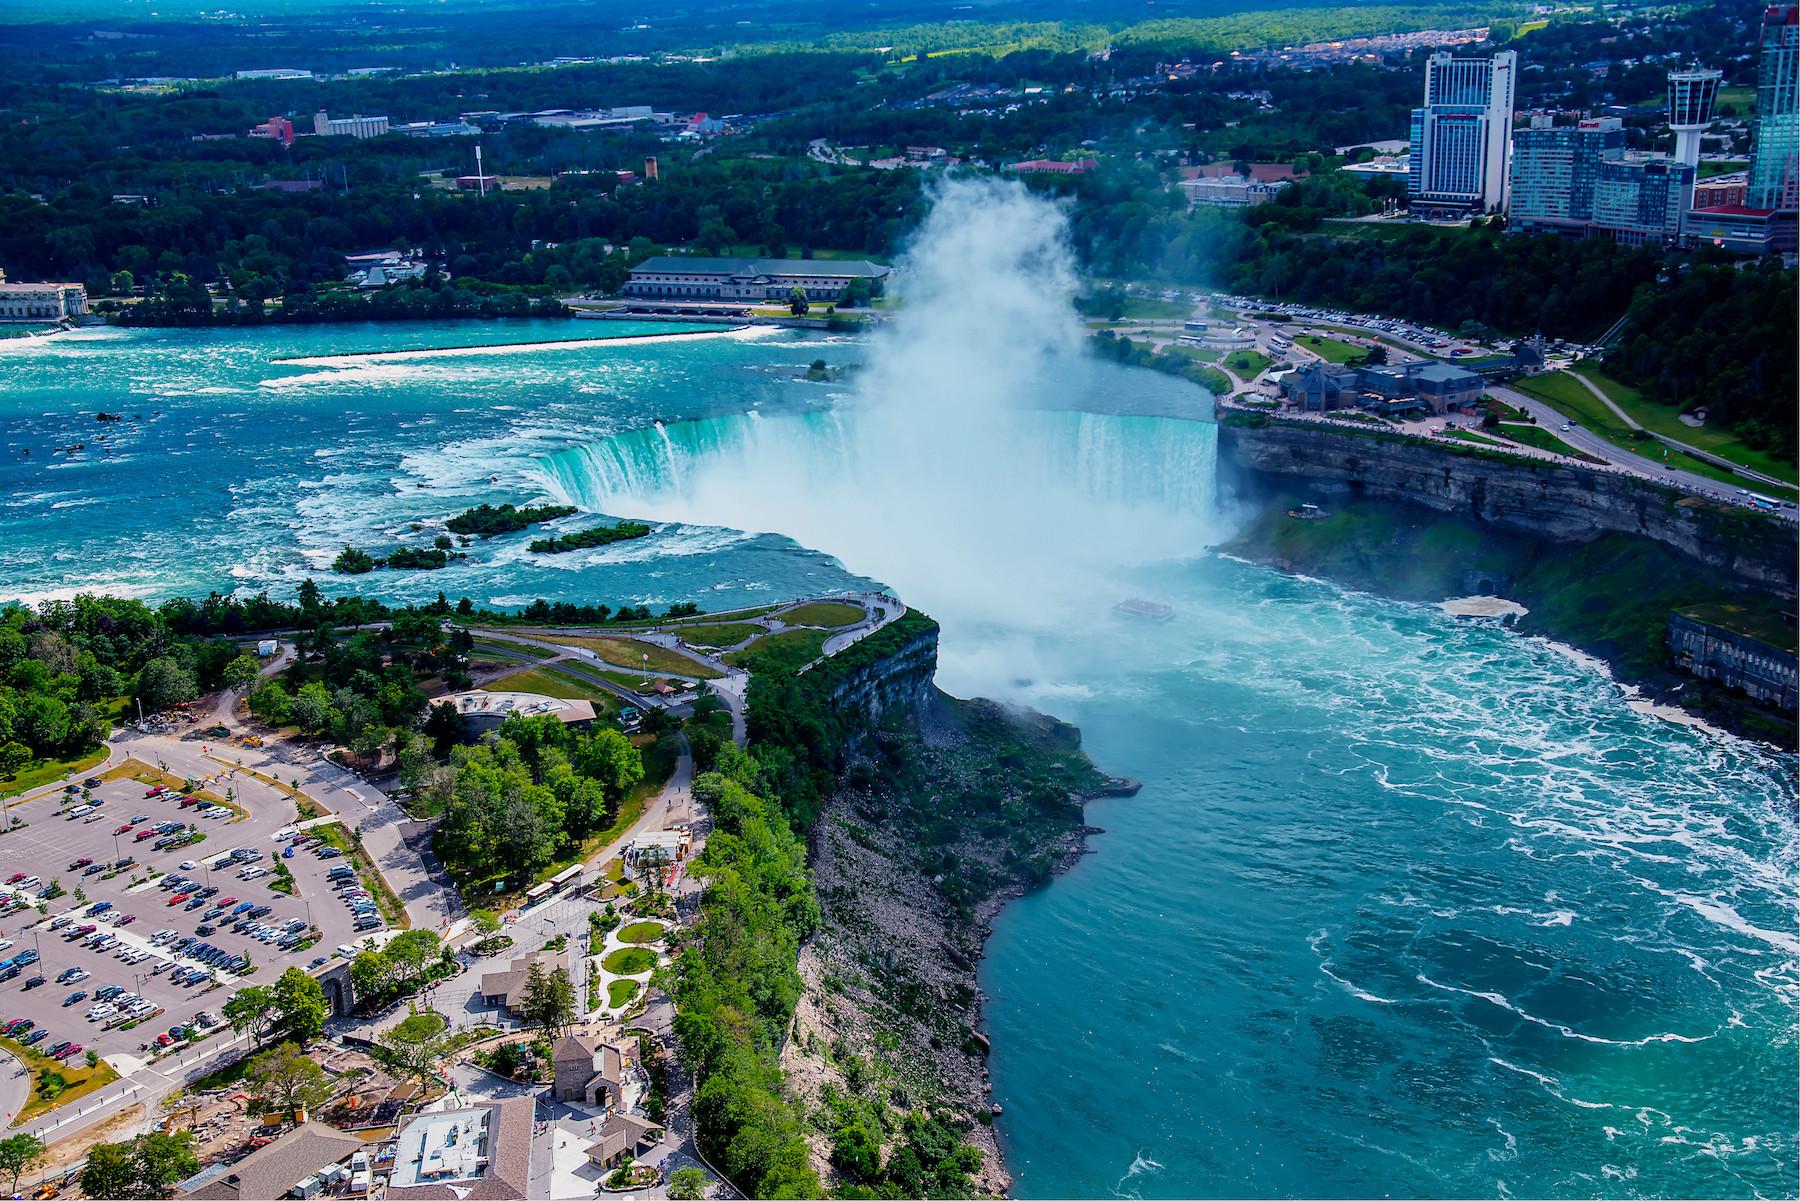 Jobs At Niagara Falls